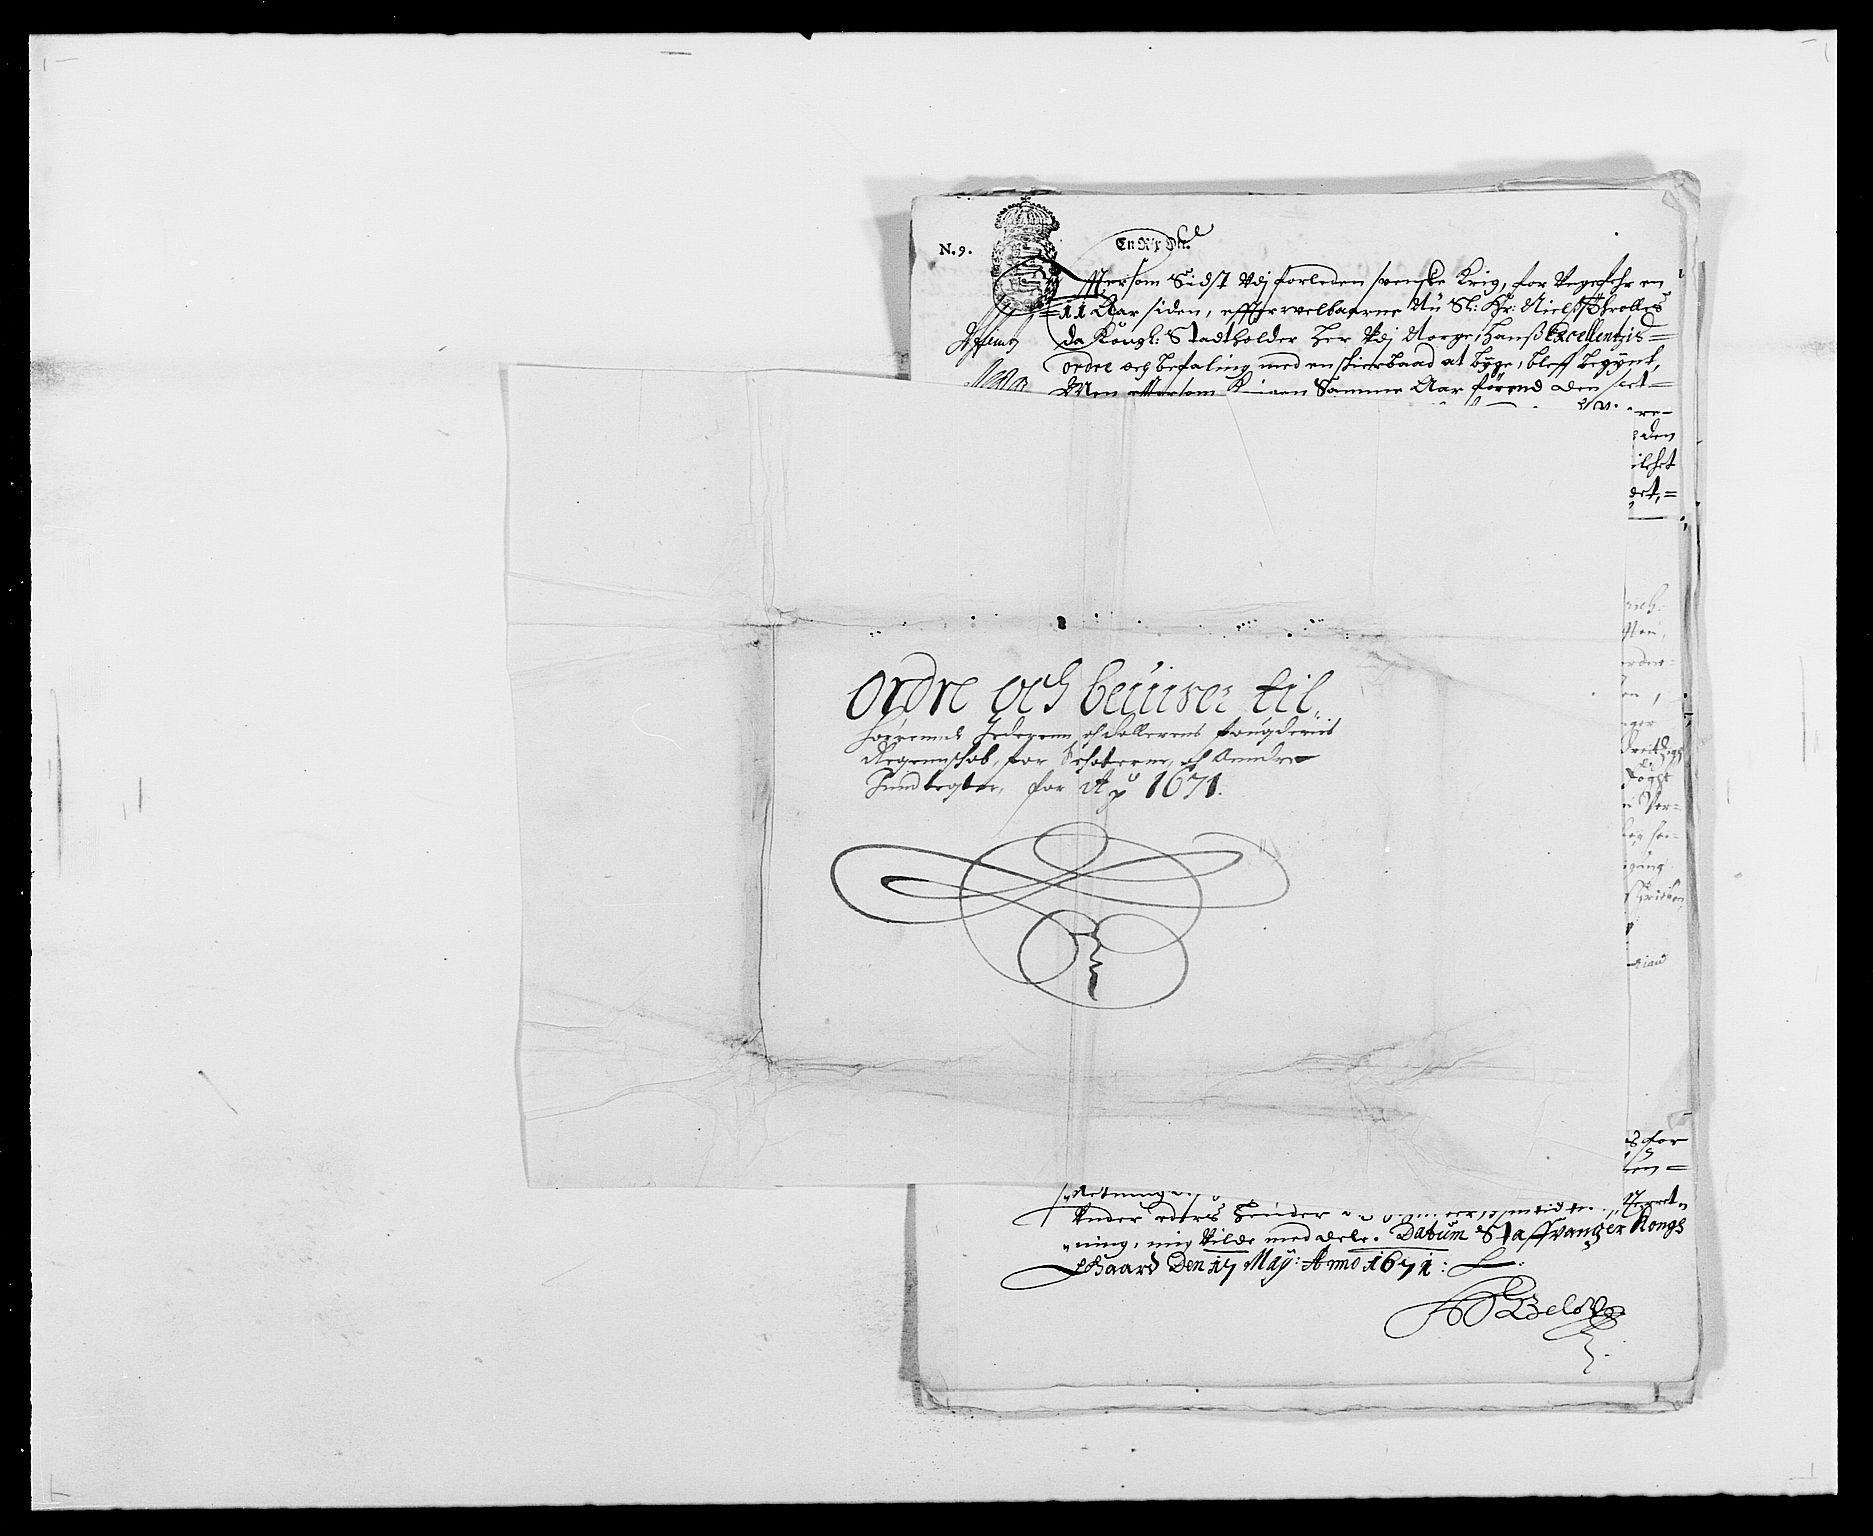 RA, Rentekammeret inntil 1814, Reviderte regnskaper, Fogderegnskap, R46/L2713: Fogderegnskap Jæren og Dalane, 1671-1672, s. 123